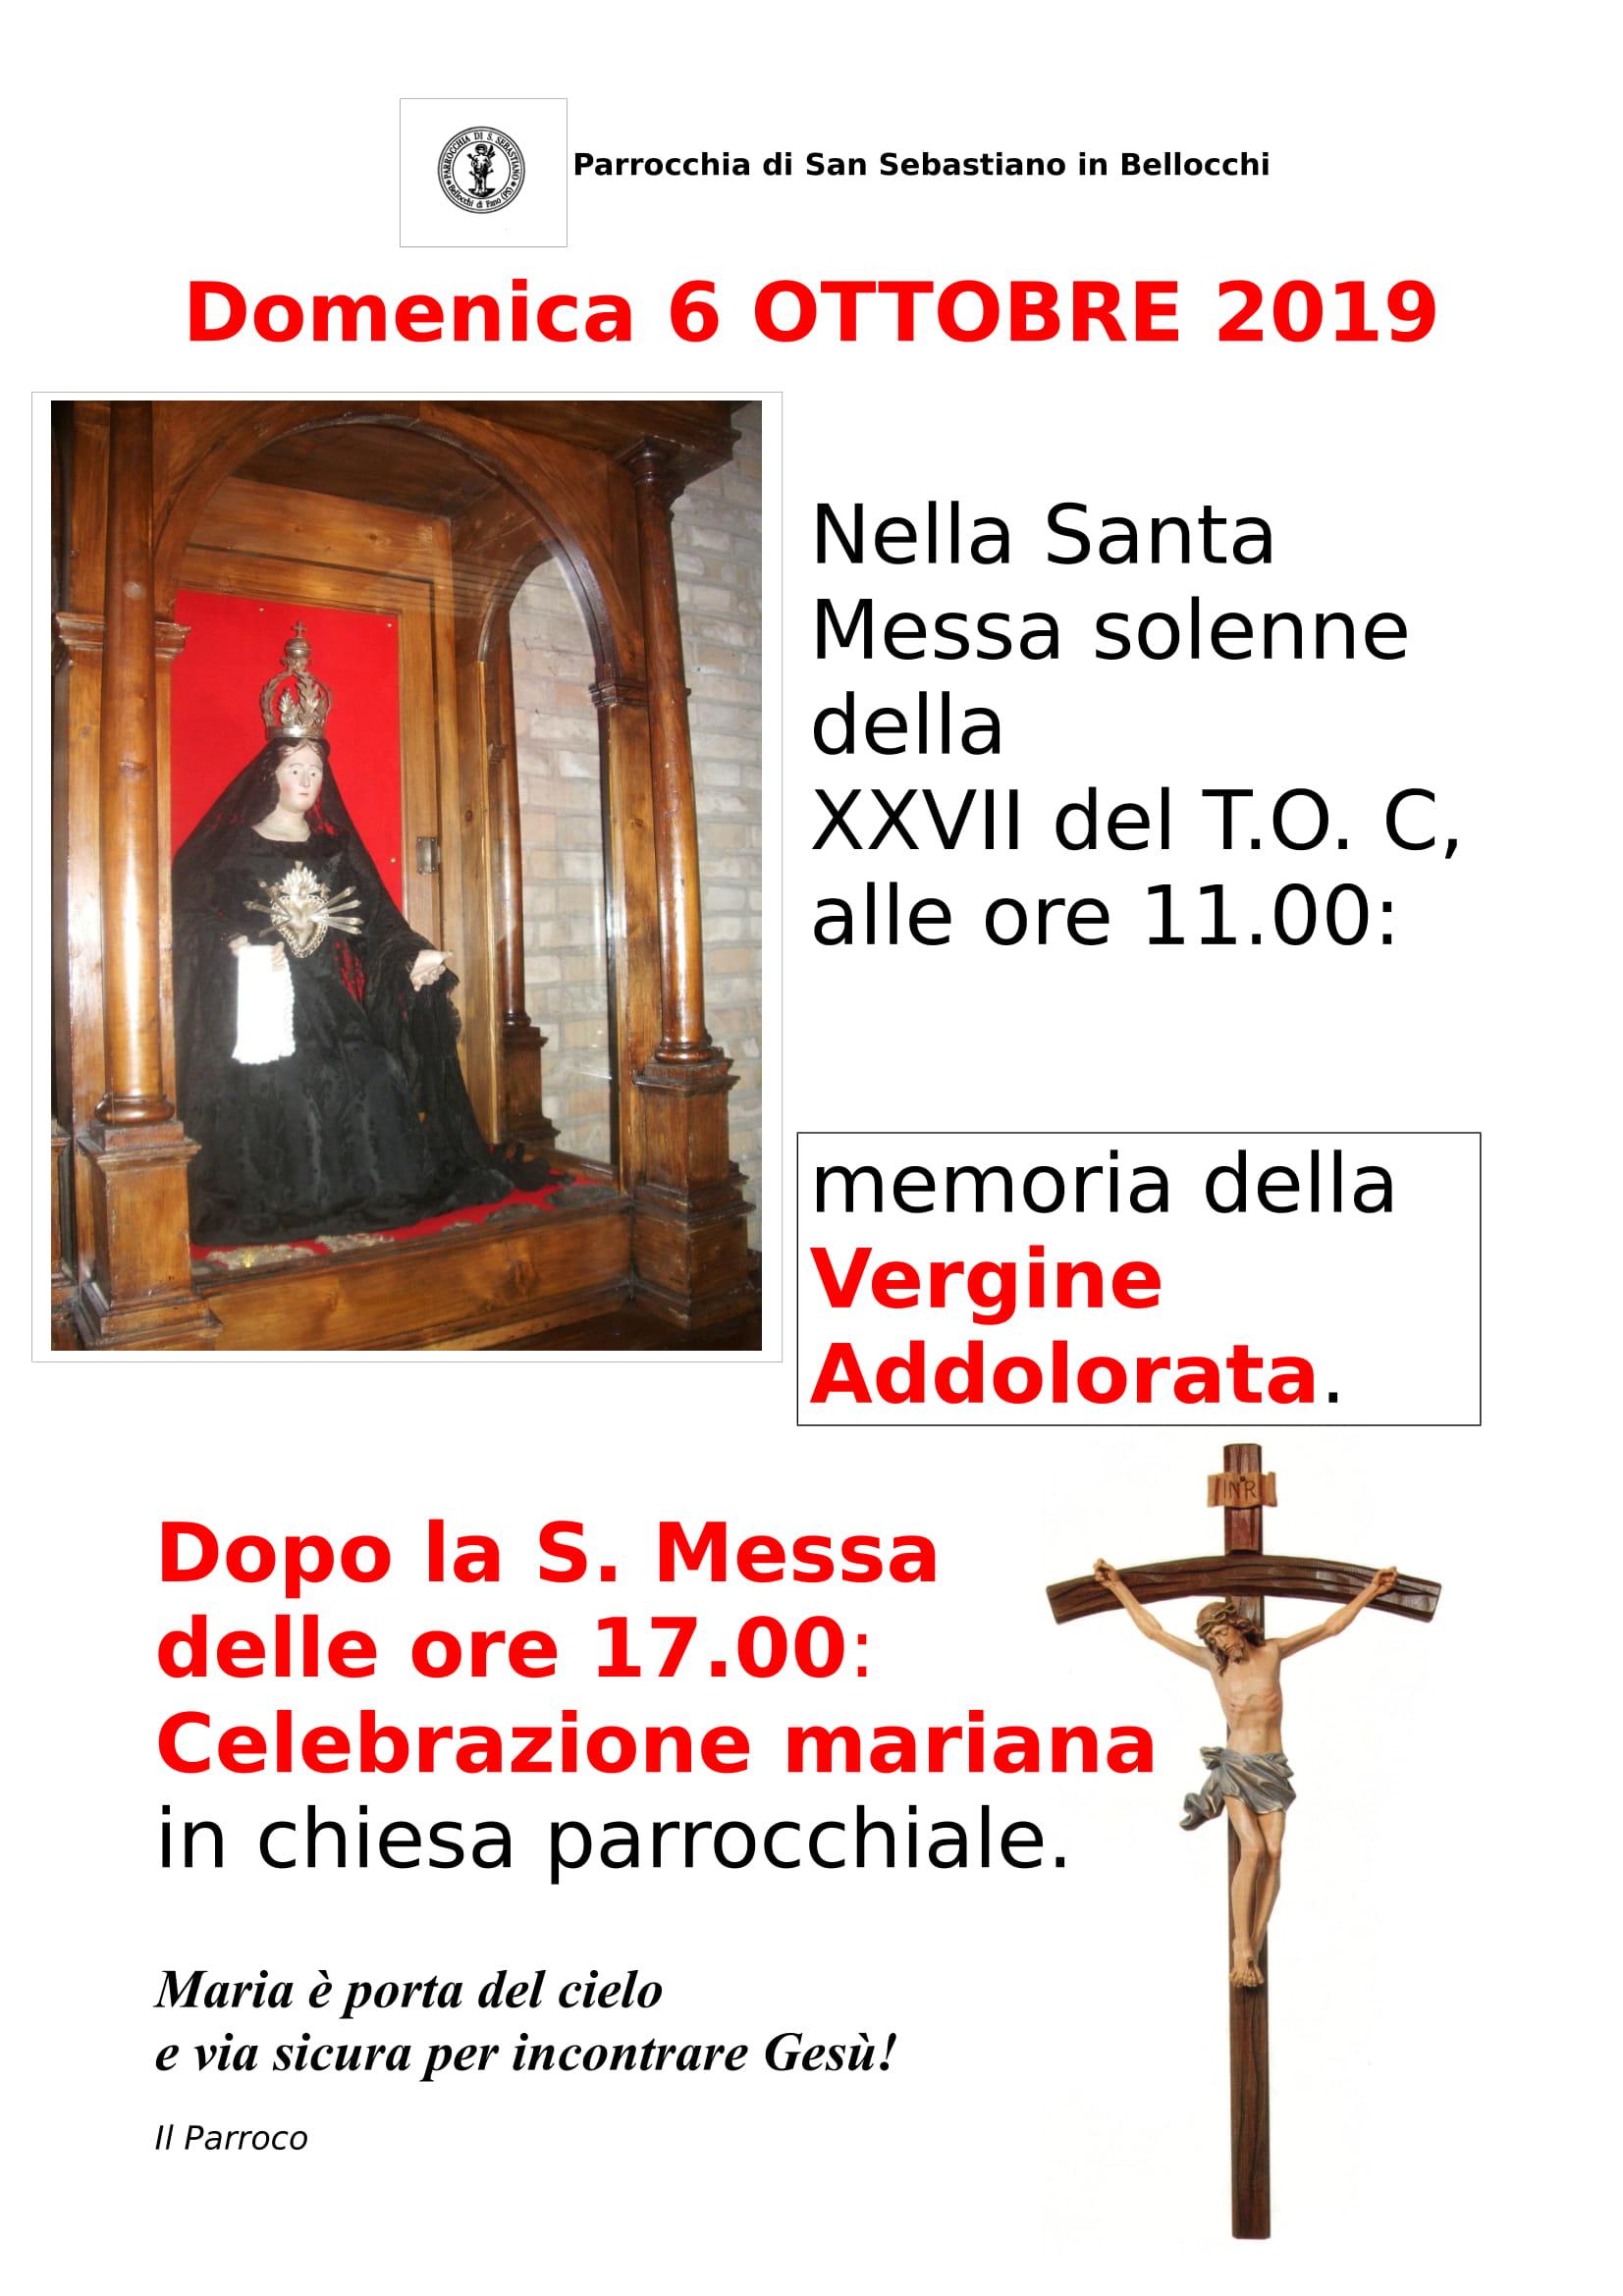 Locandina cel. mariana 2019-1